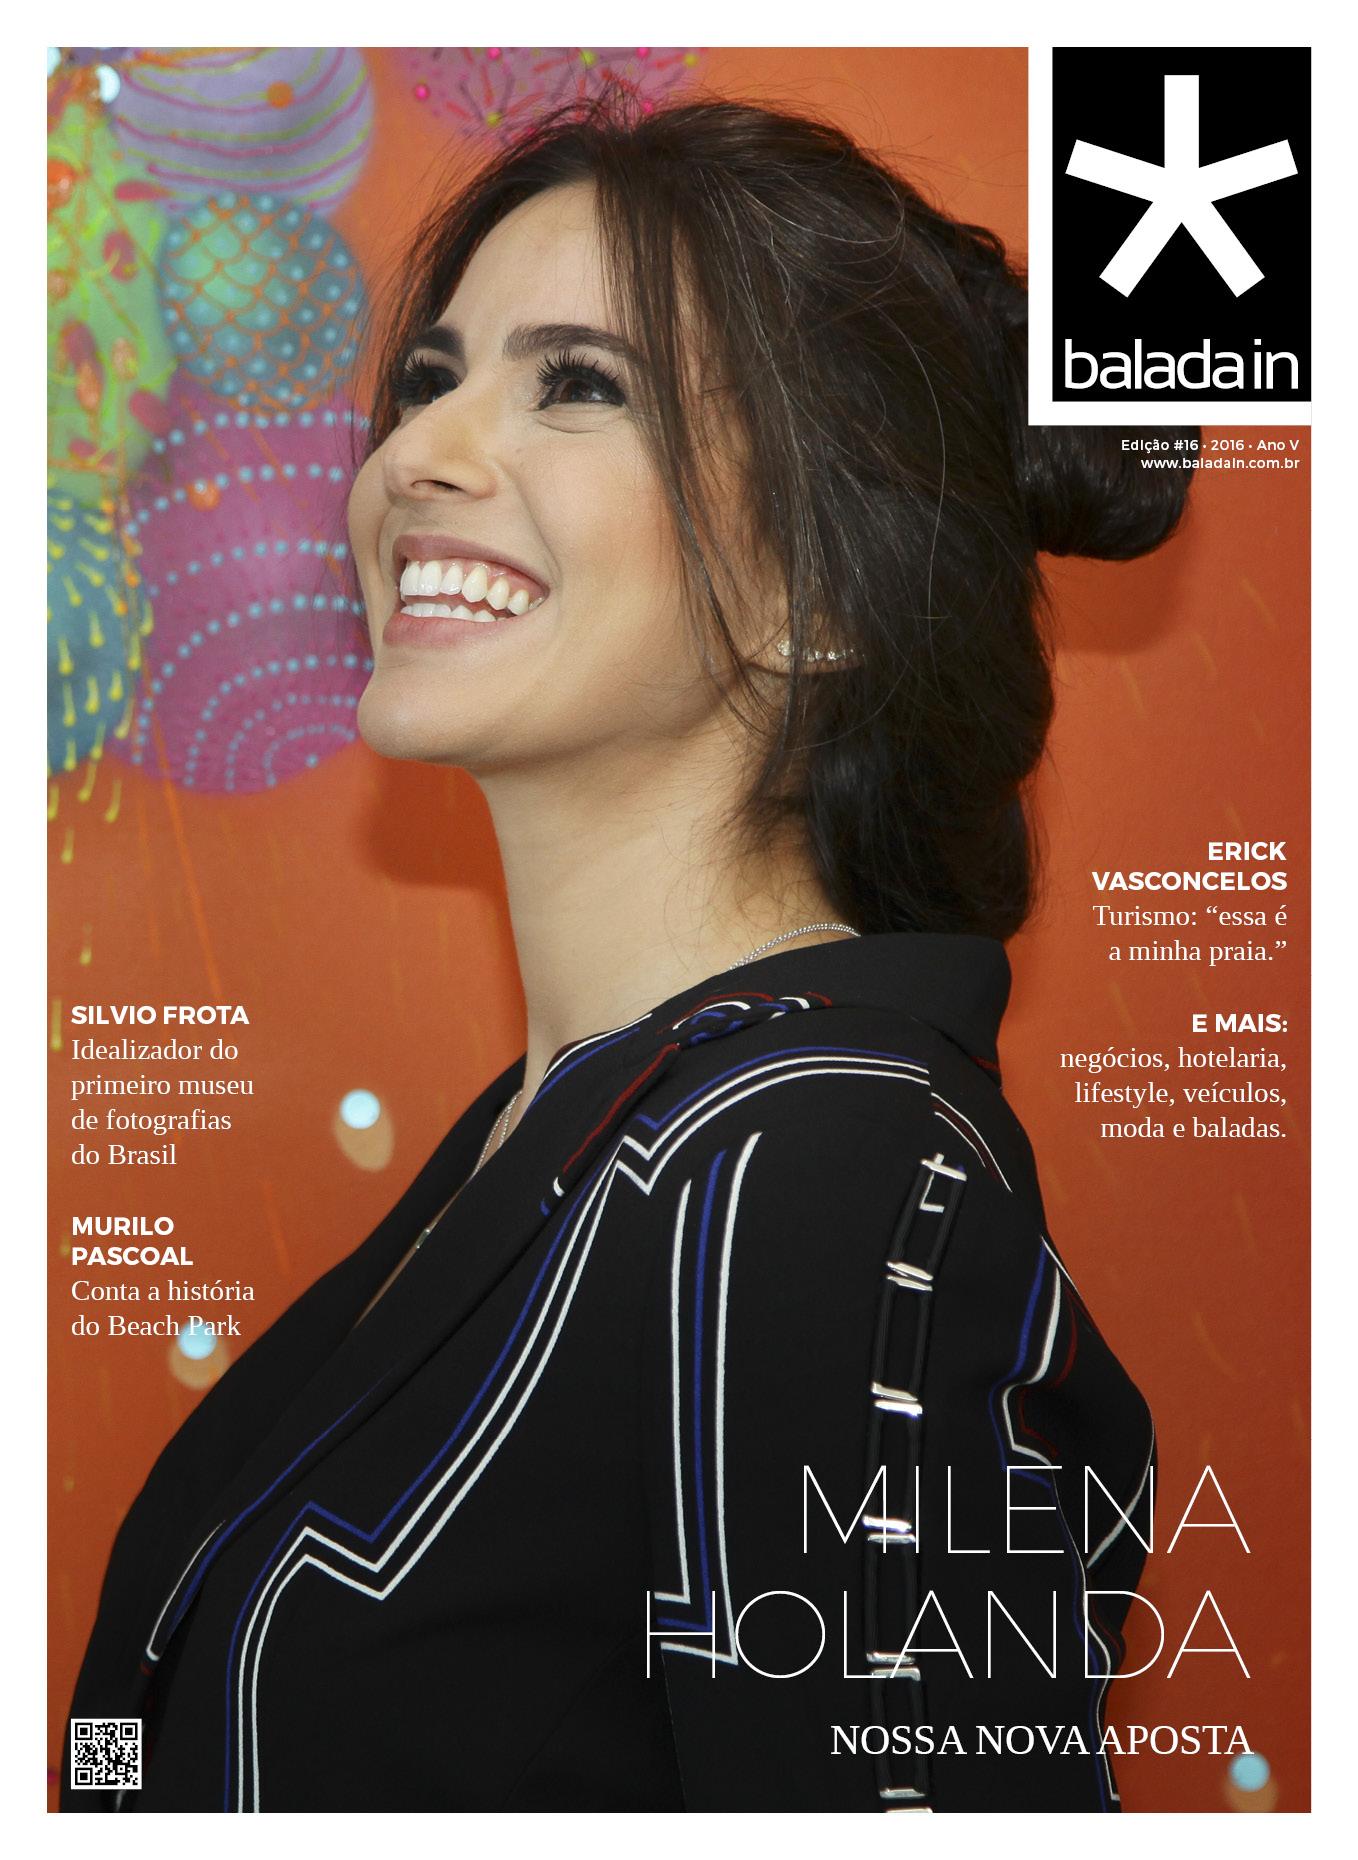 Edição: Milena Holanda